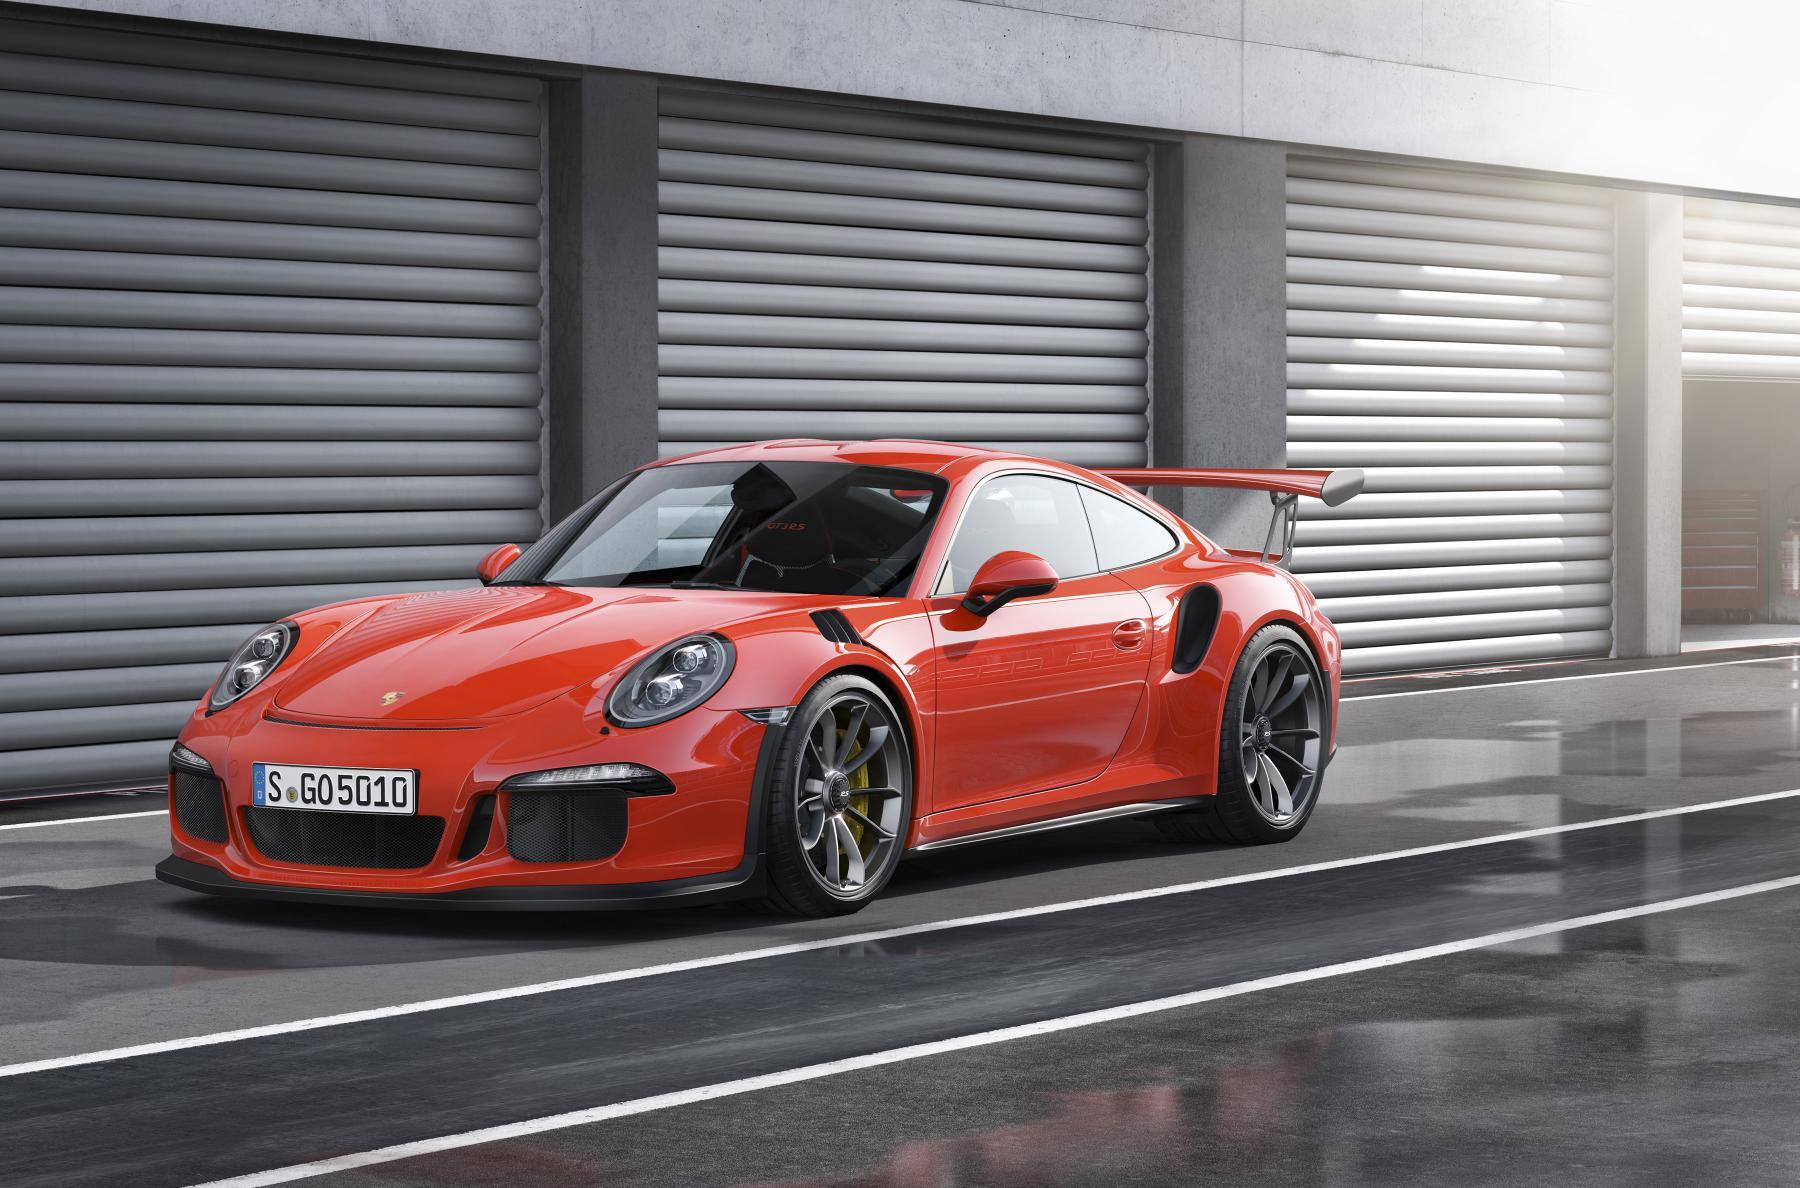 Porsche 911 gt3 rs review 2017 autocar - Porsche 911 Gt3 Rs Review 2017 Autocar 19